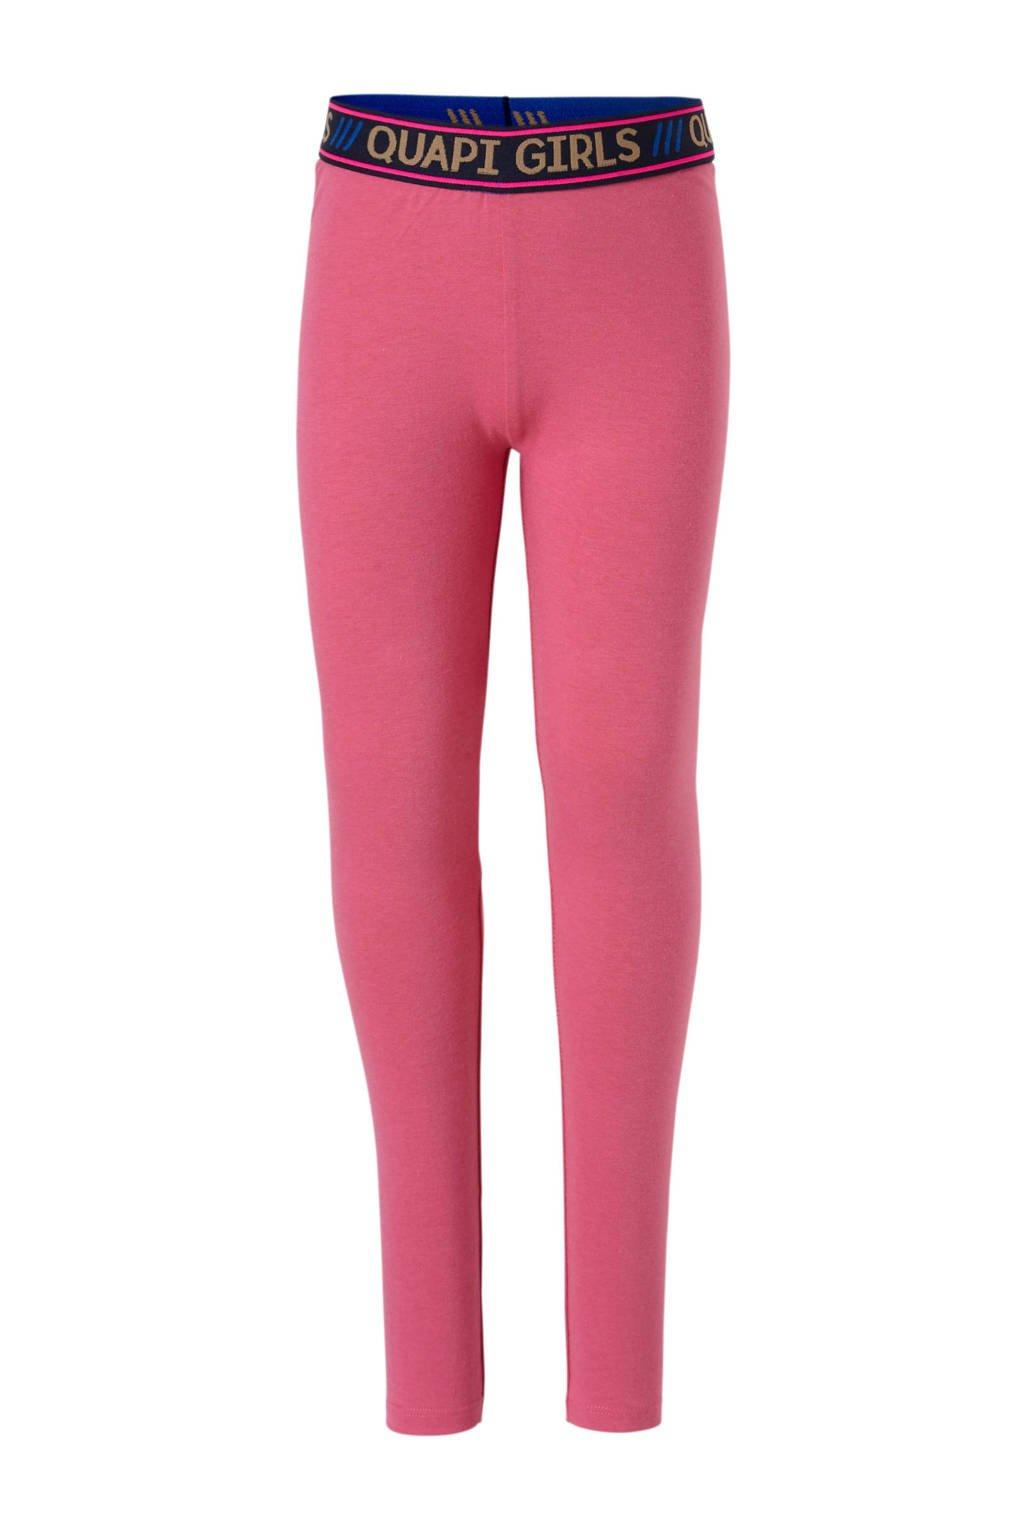 Quapi legging Lavinia 3 roze, Roze/donkerblauw